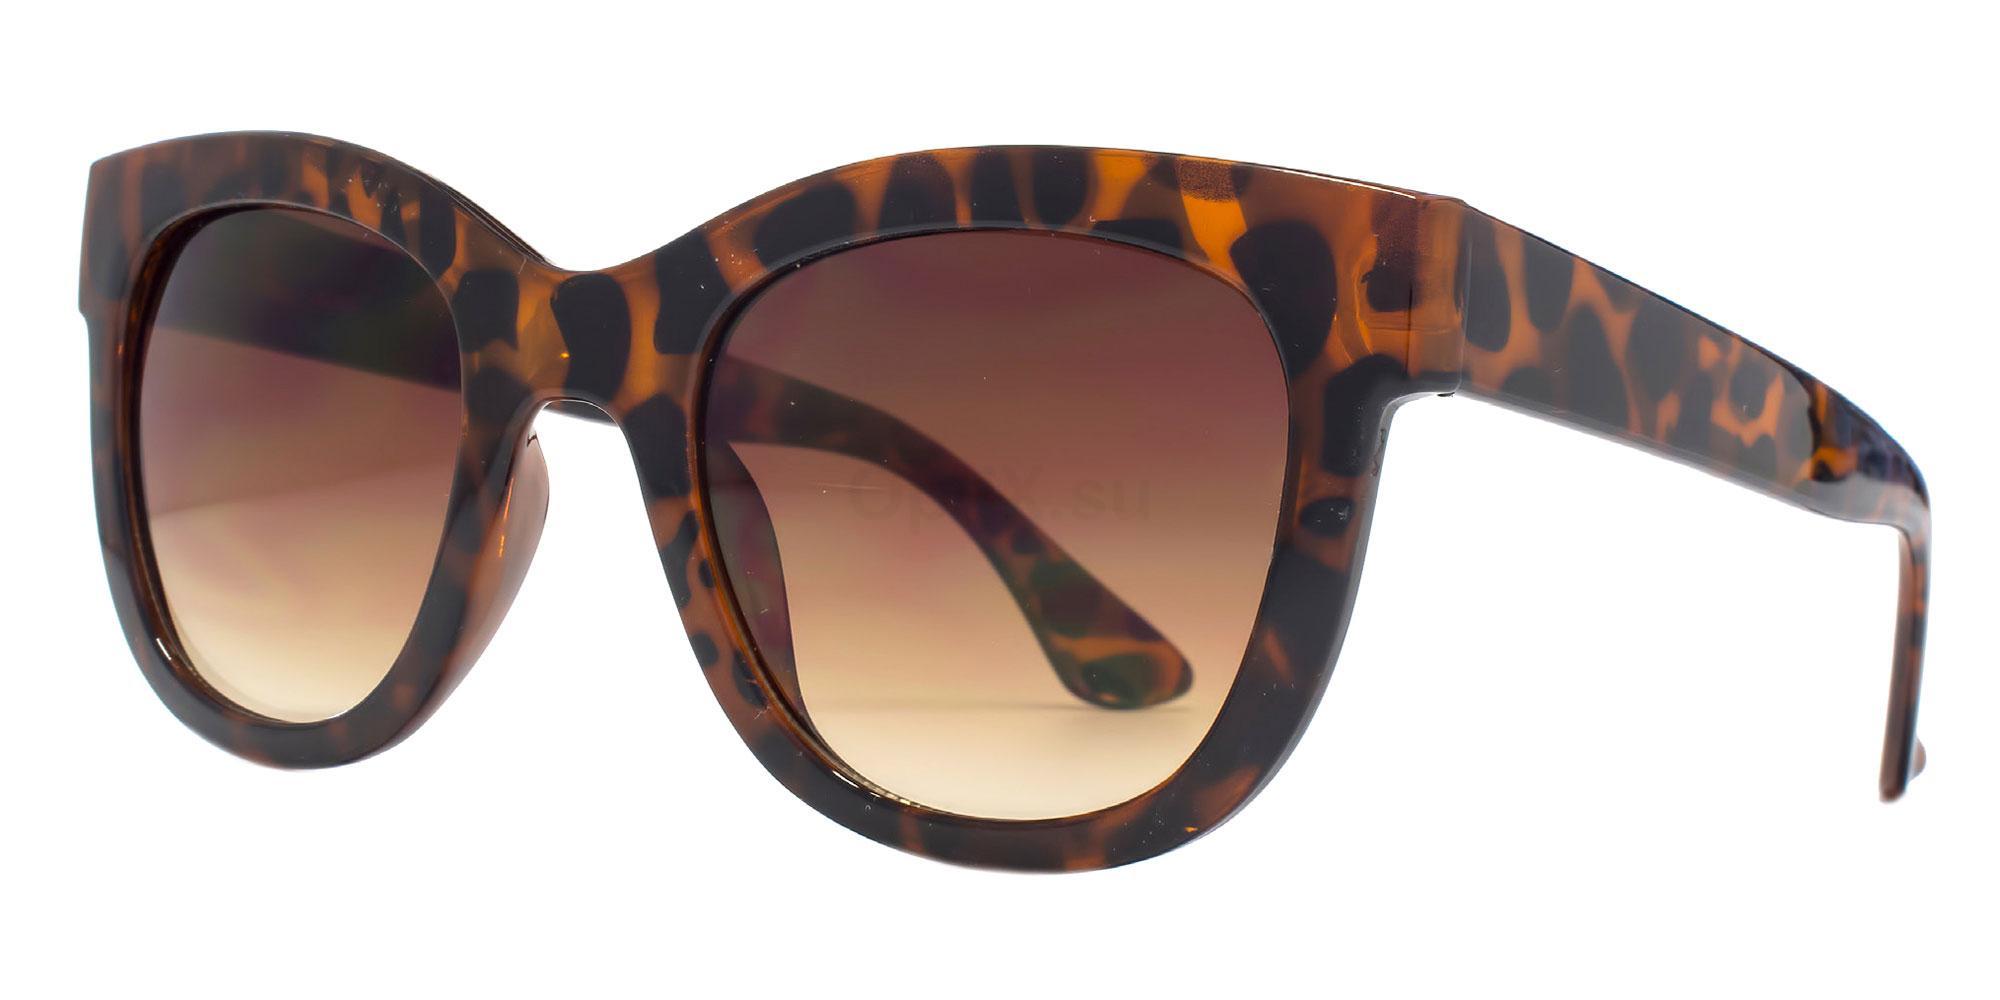 MUK147854 HOXTON Sunglasses, M:UK